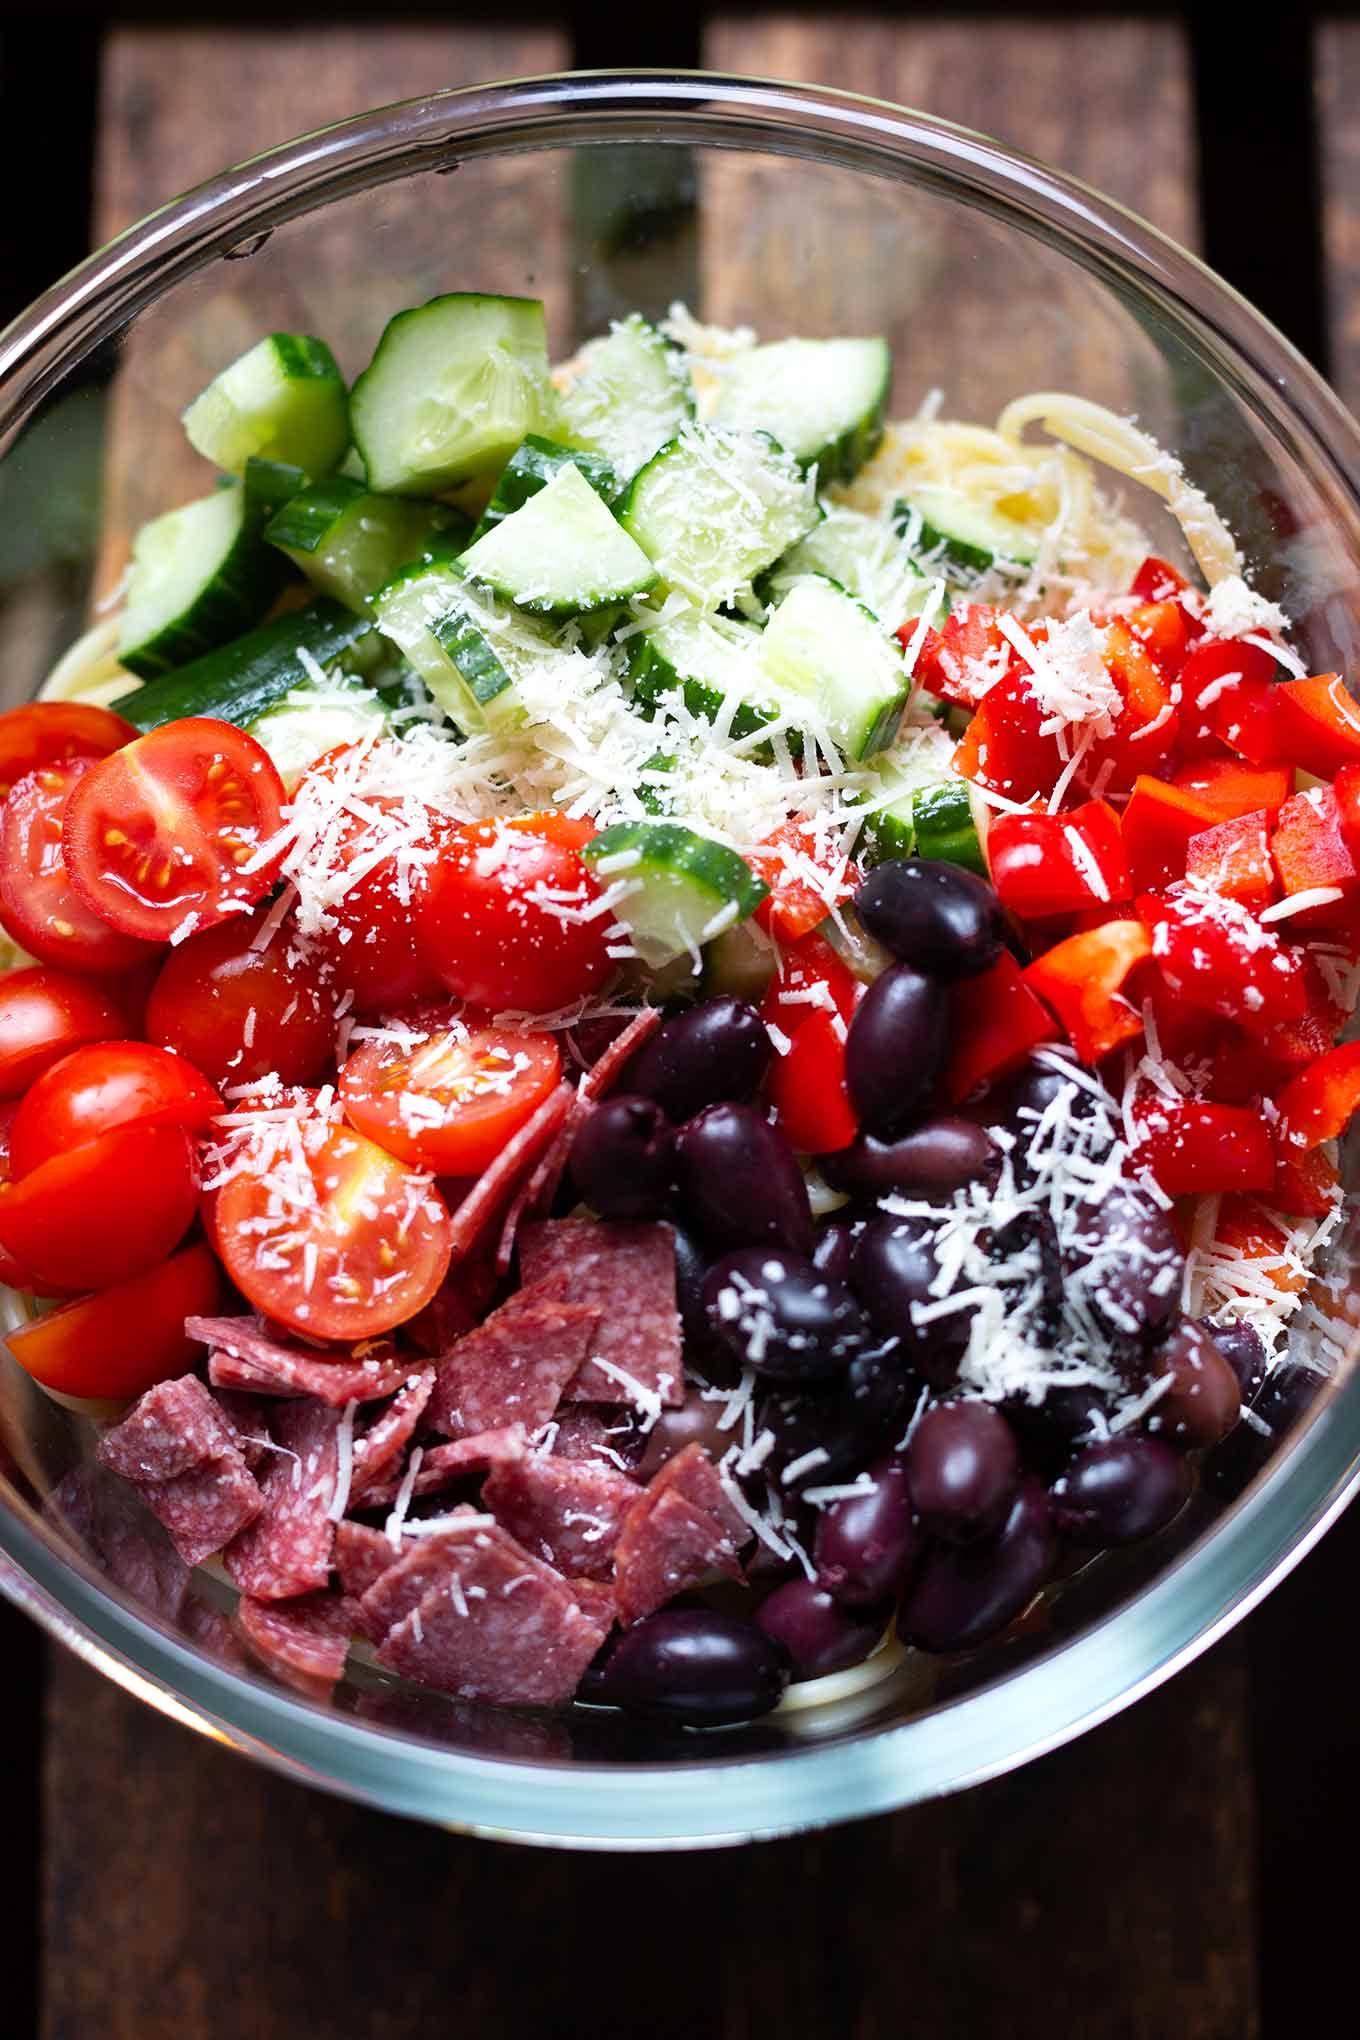 Italienischer Nudelsalat mit Salami. Dieses schnelle und einfache Rezept ist herzhaft, sättigend und perfekt für Grillen und Party! - Kochkarussell.com #nudelsalat #salami #rezept #kochkarussell